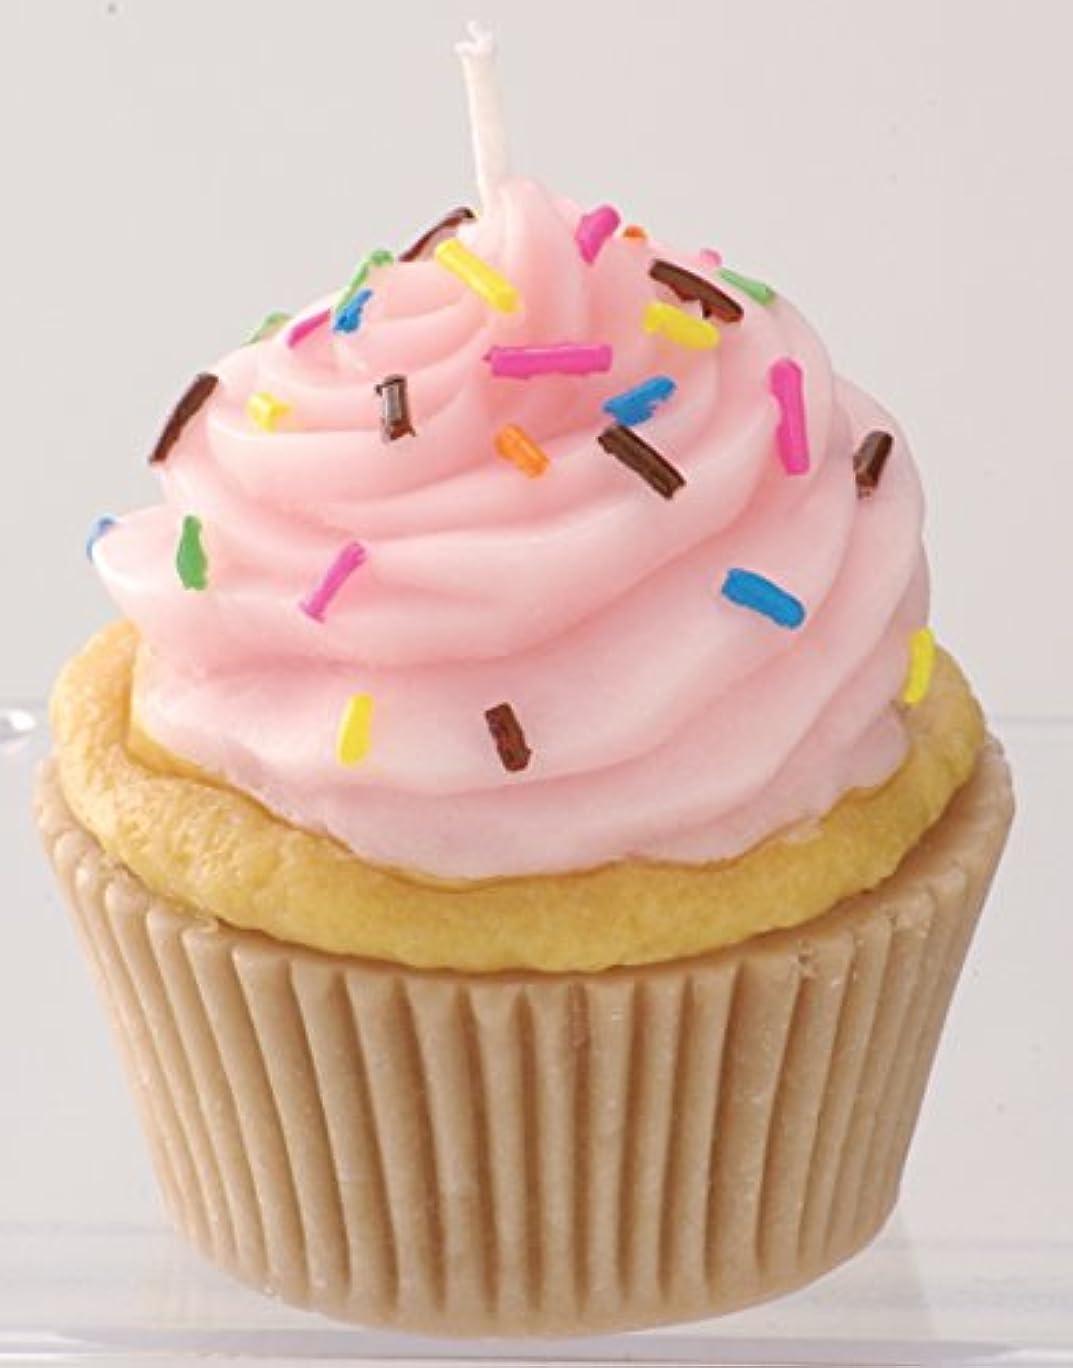 目の前の好色な復活するカメヤマキャンドルハウス 本物そっくり! アメリカンカップケーキキャンドル ストロベリークリーム ストロベリーの香り